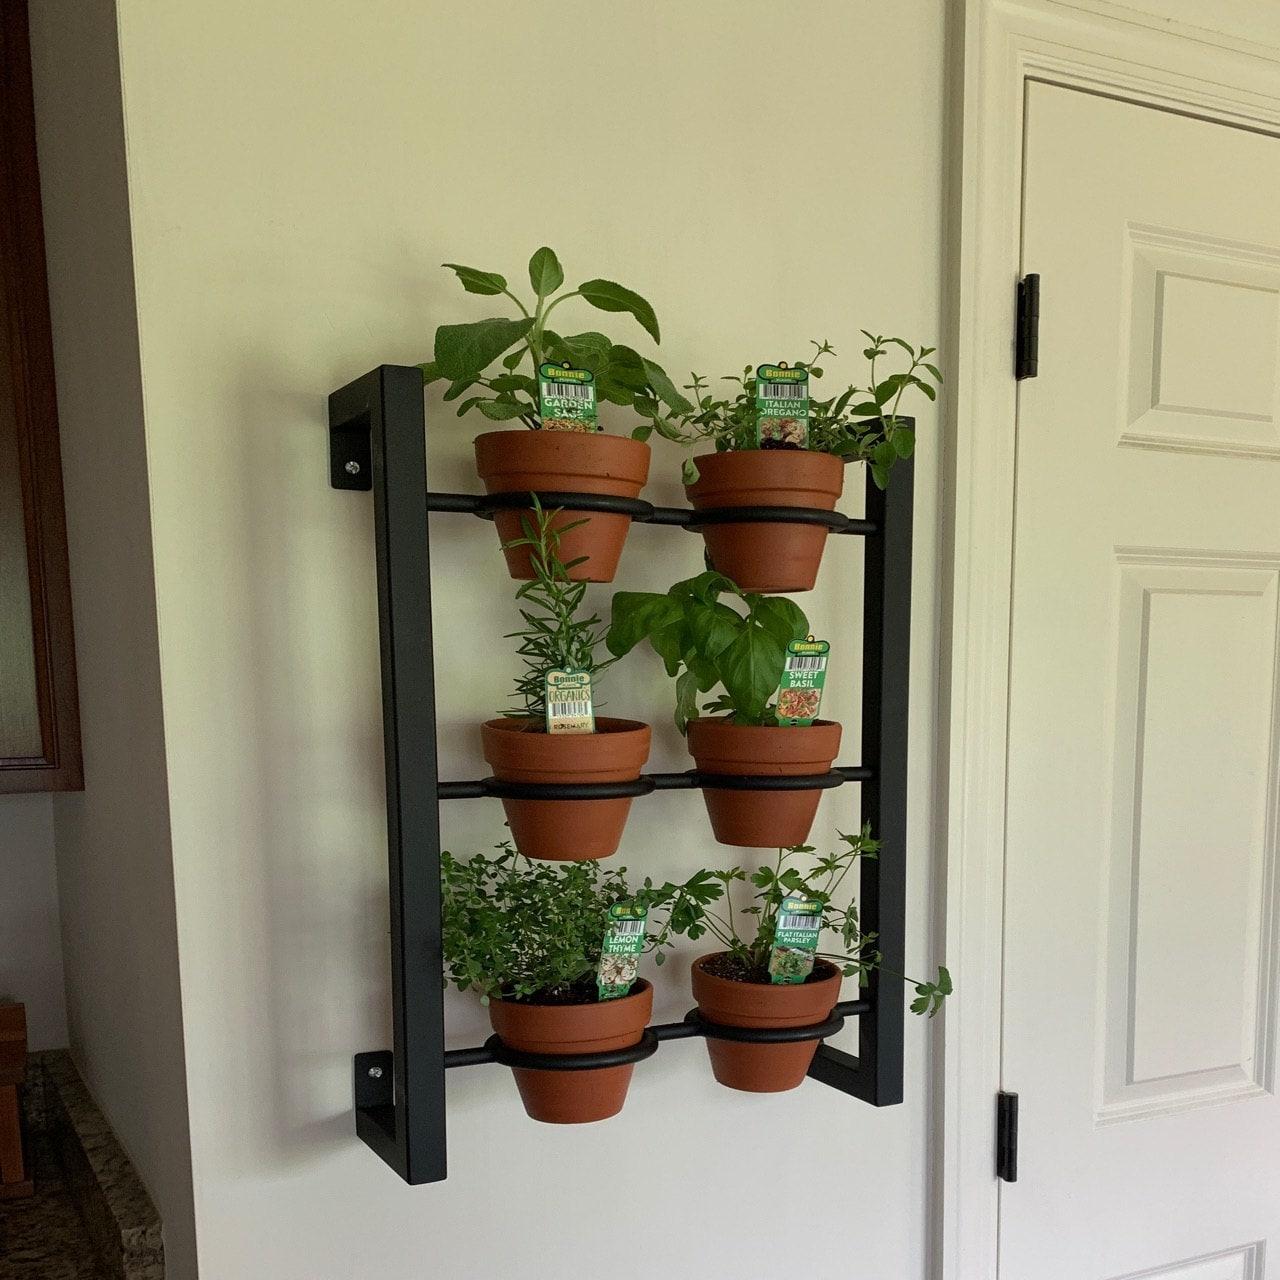 Hanging Planter Indoor Outdoor Herb Garden Hanging Herb Garden Fixer Upper Inspired Vertical 6 Pot Wall Hanging Herb Garden